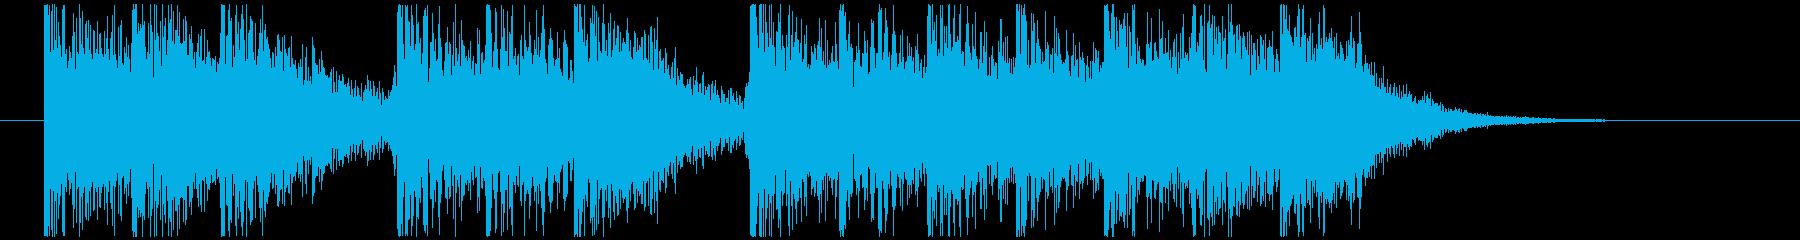 三三七拍子モチーフ力強い和風ジングル 1の再生済みの波形